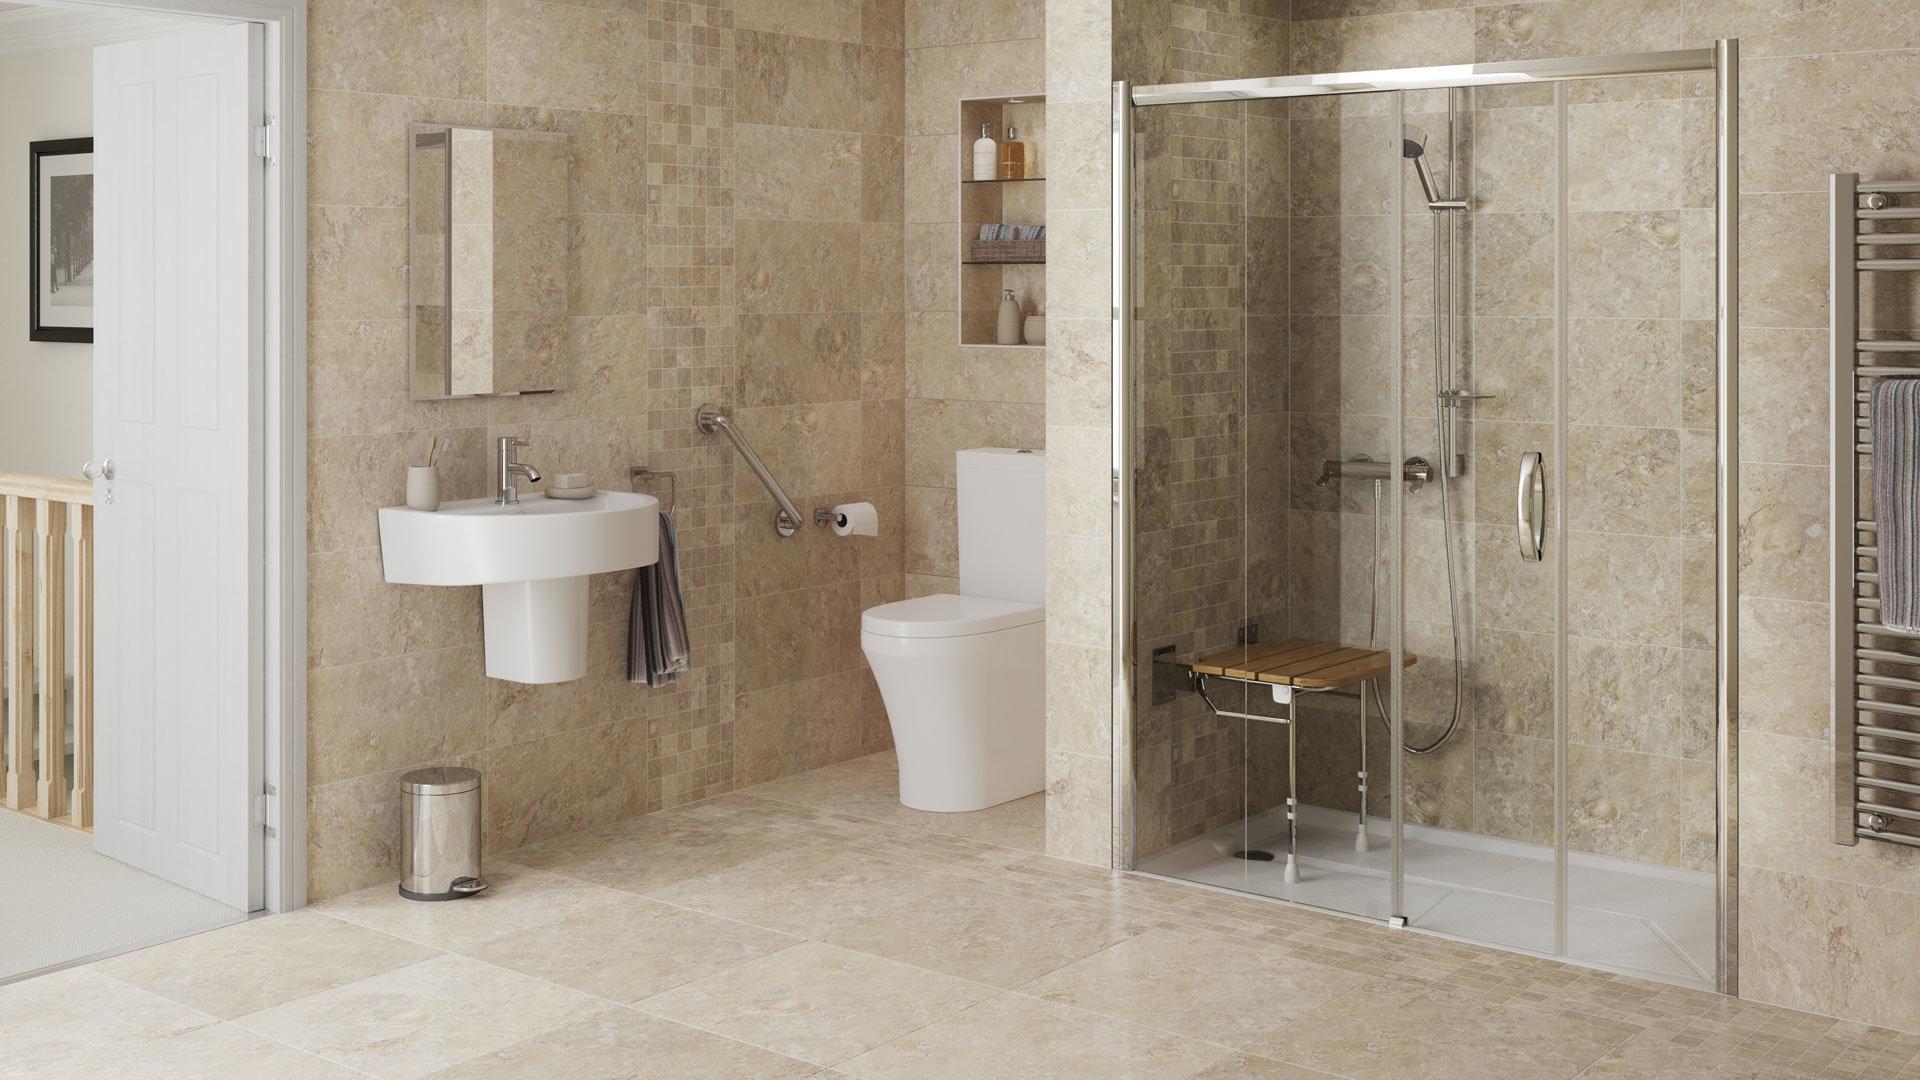 badezimmertrends 2018 die badewanne war gestern hoch. Black Bedroom Furniture Sets. Home Design Ideas